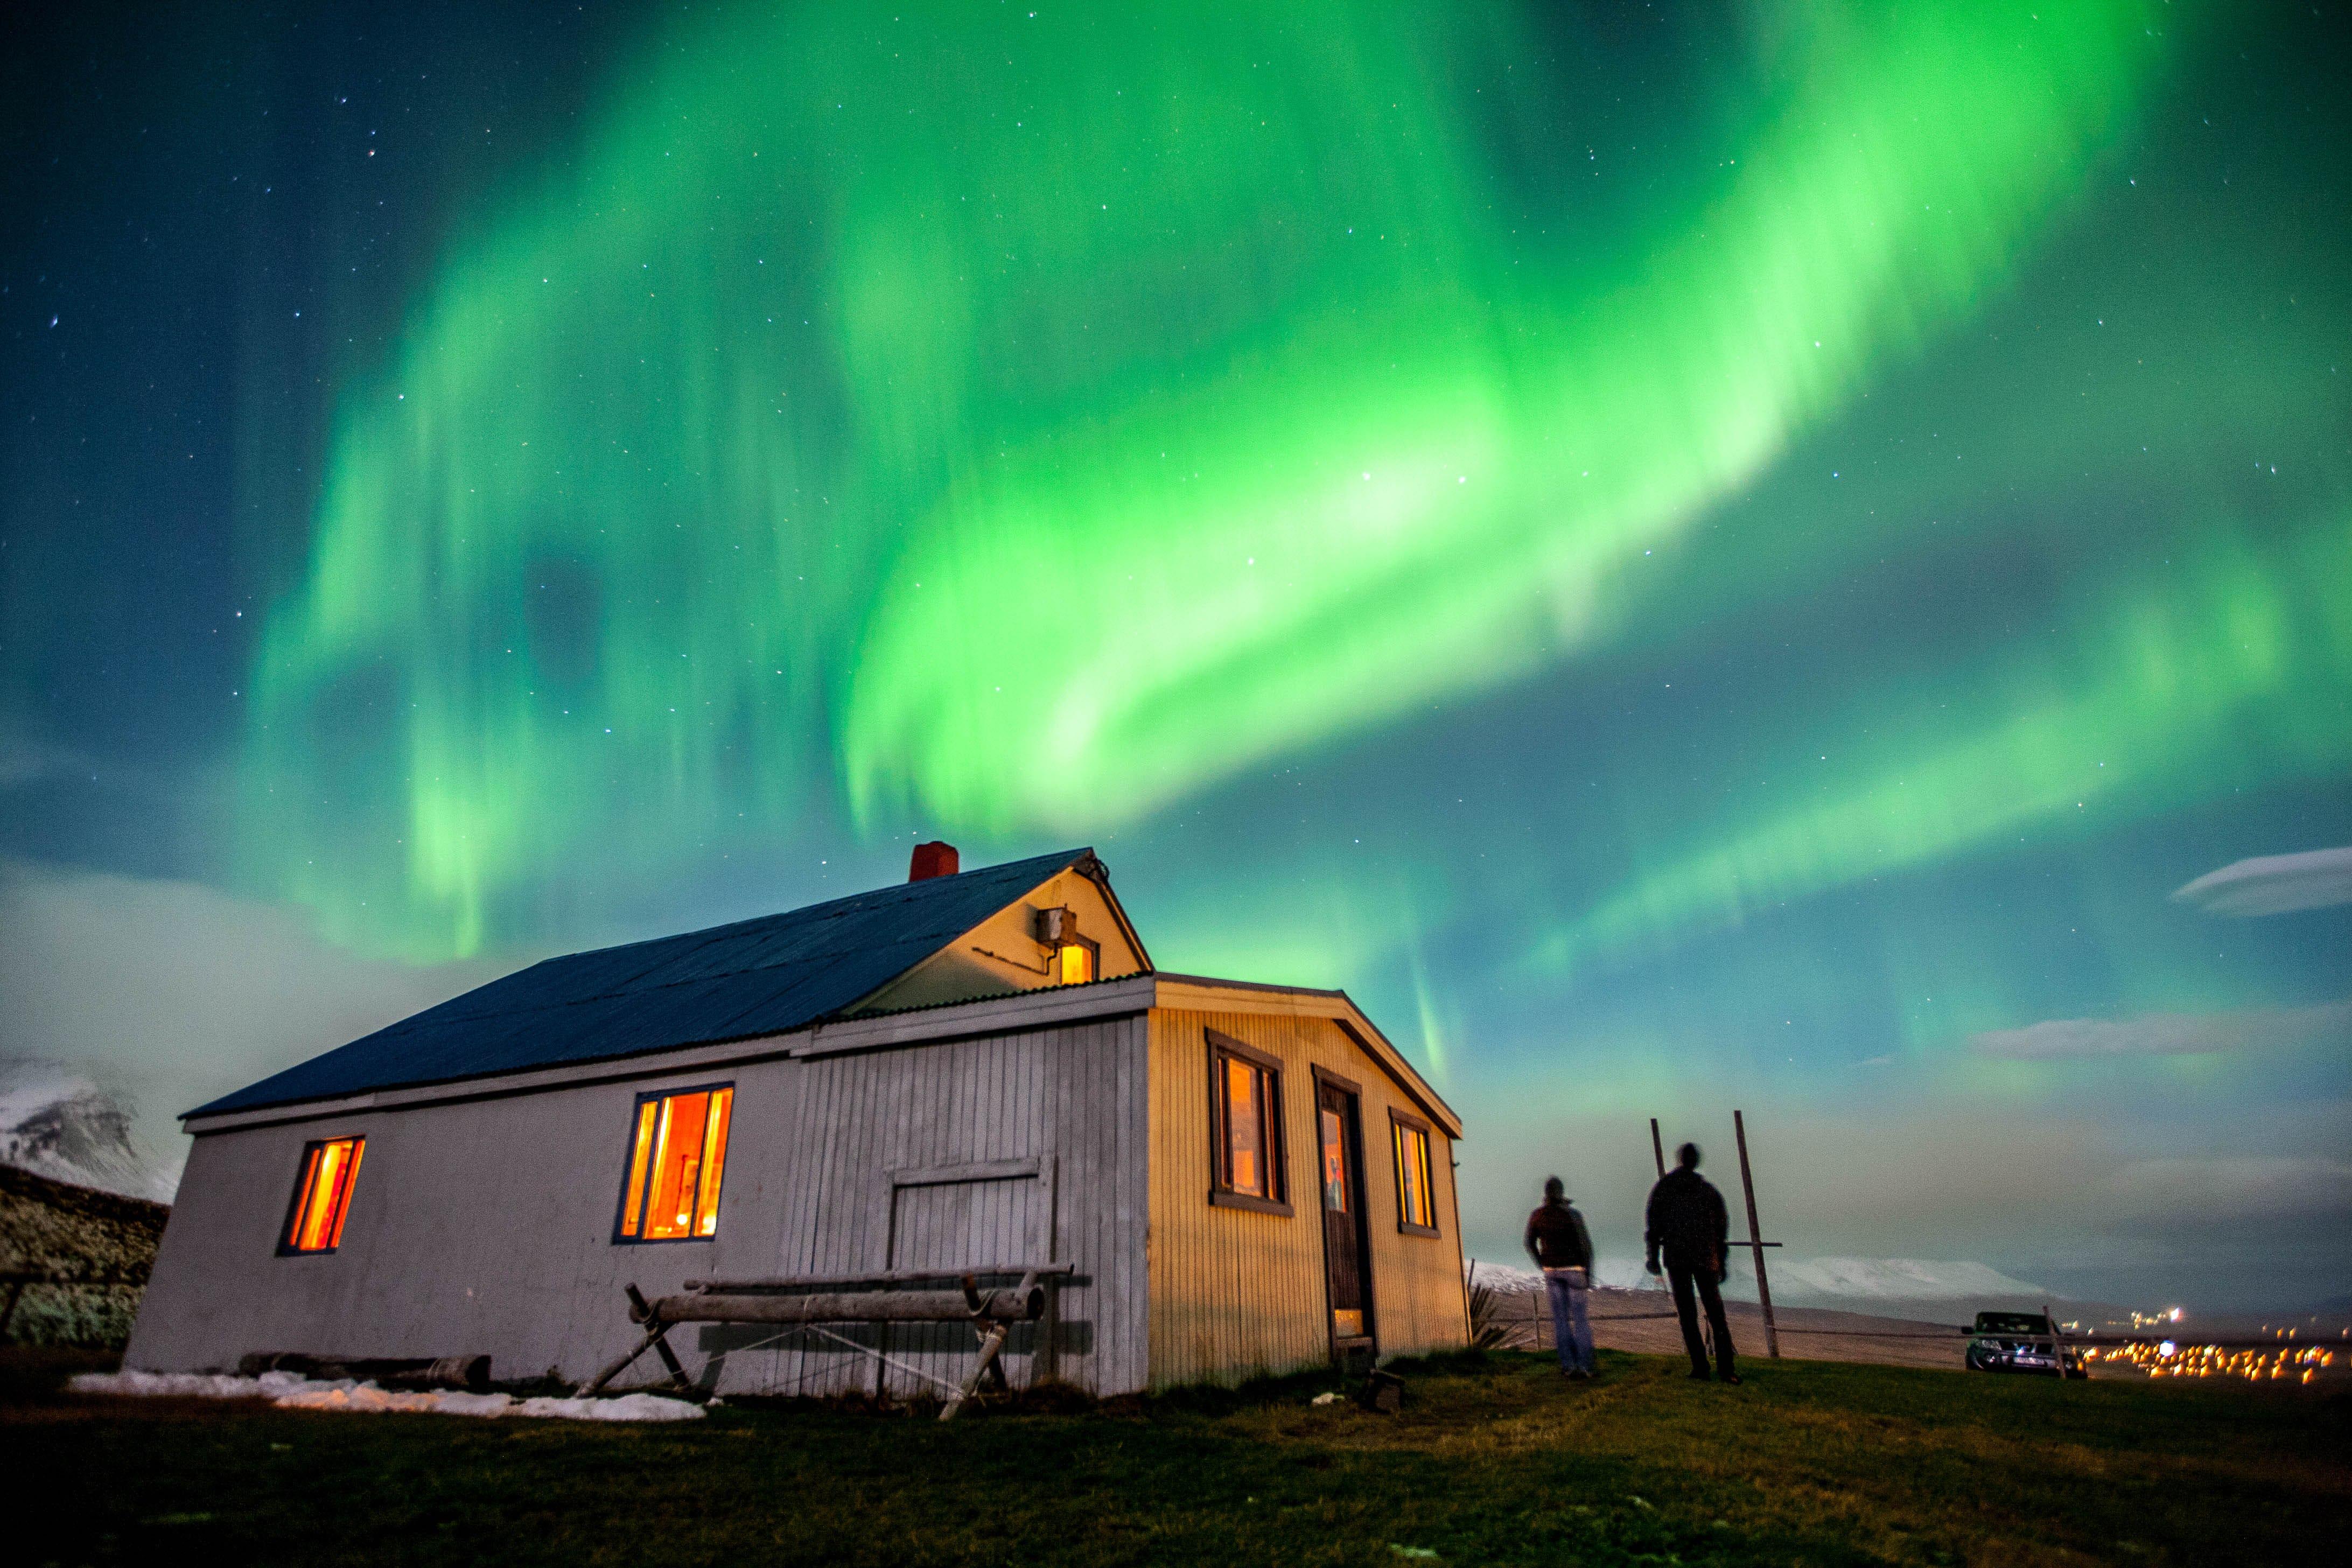 L'Aurora Boreale appare nelle regioni artiche, rendendo il nord dell'Islanda il luogo ideale per avvistarla.